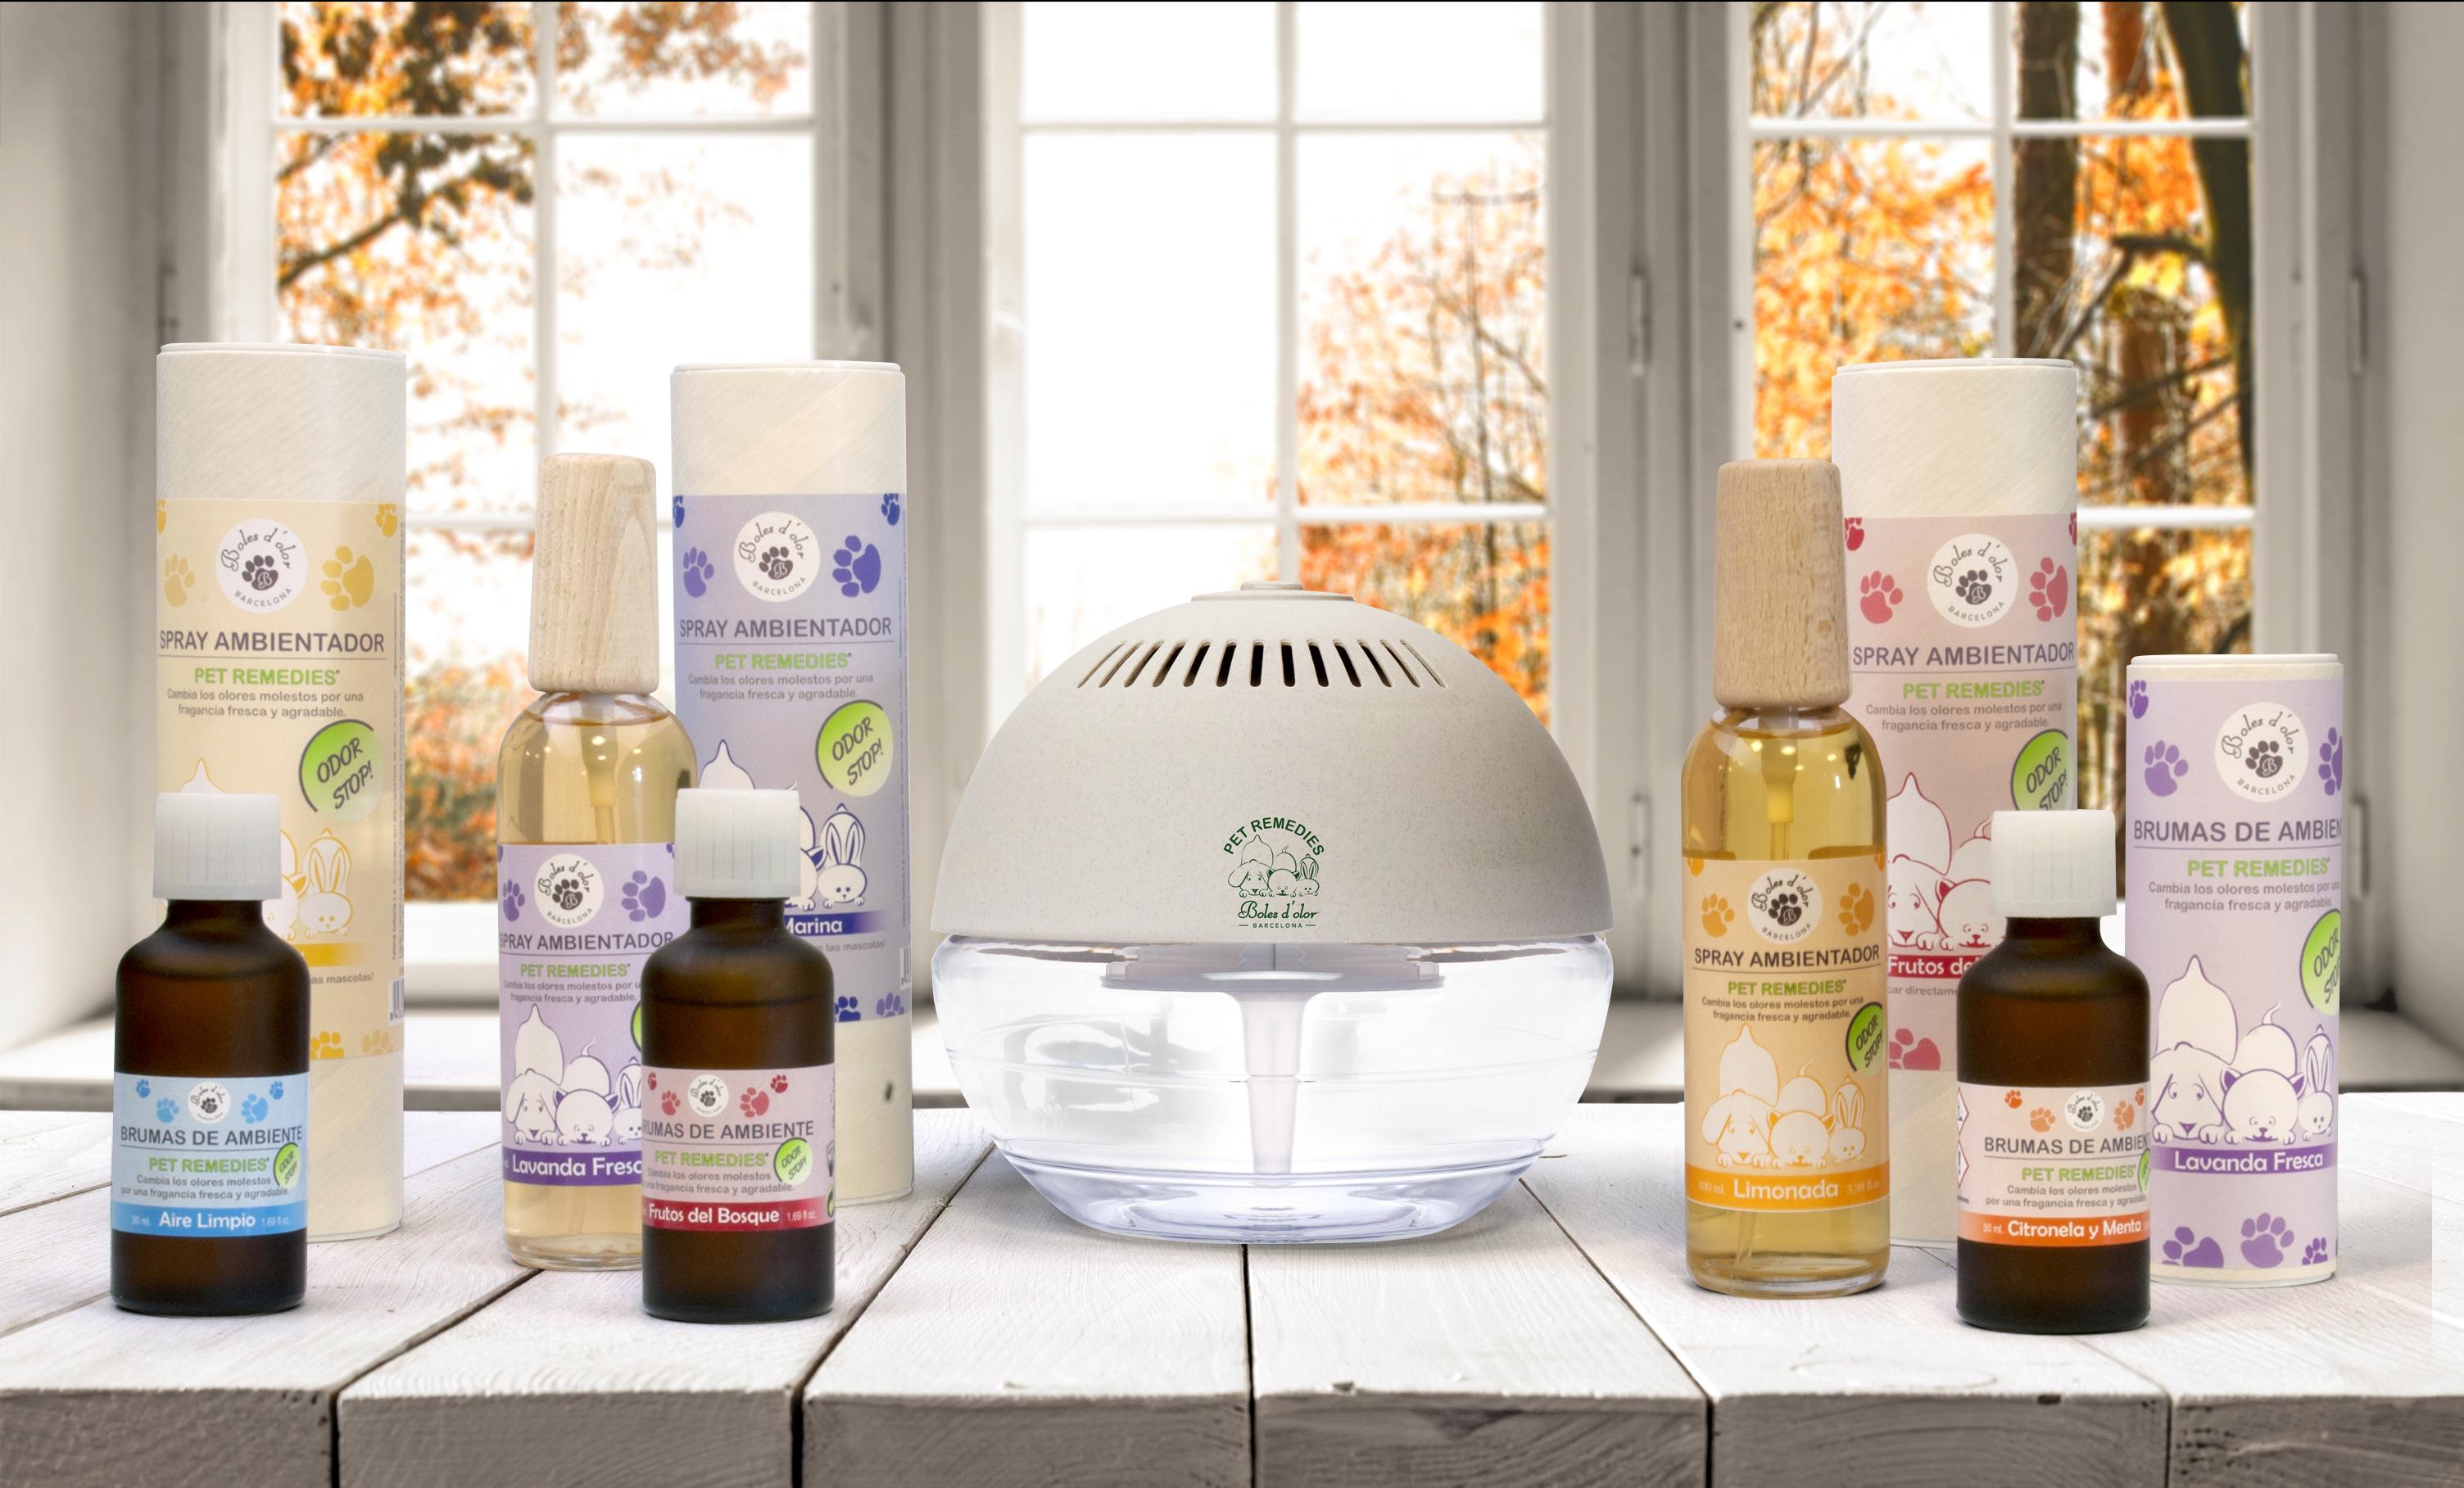 Imagen de grupo de toda la gama de productos Pet Remedies de Boles d'olor.